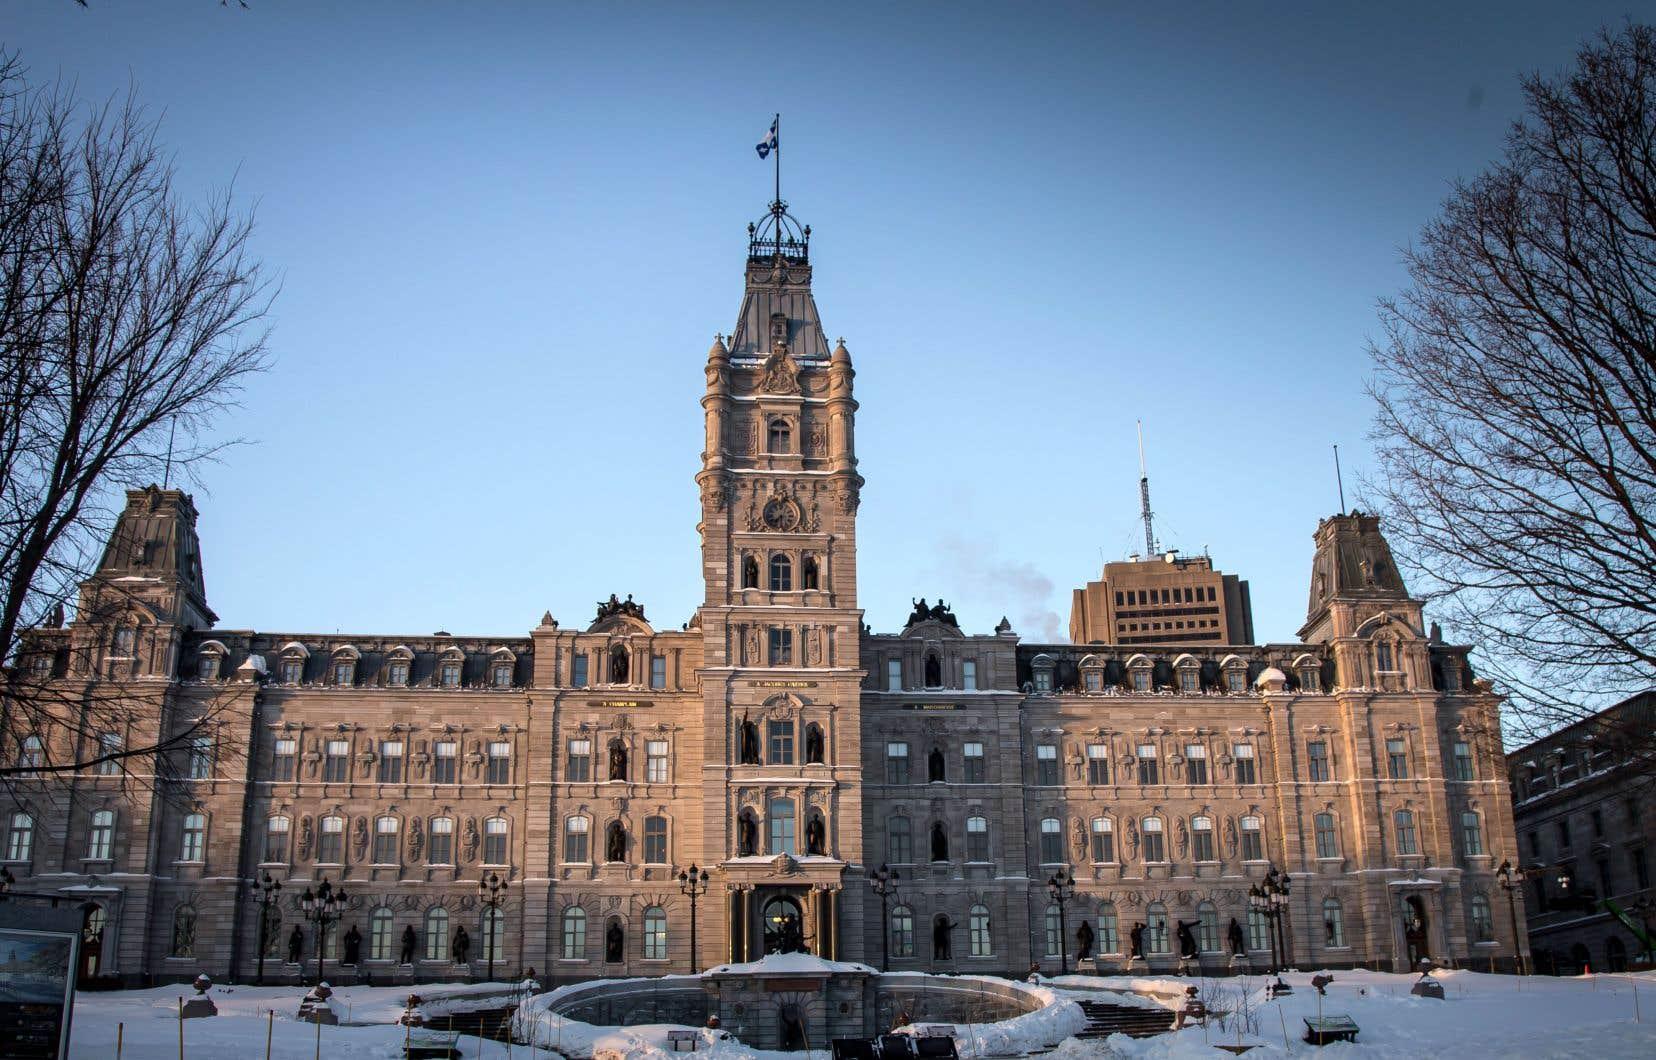 «Les libéraux ont quitté le pouvoir délogés par la Coalition avenir Québec. Y voyons-nous une différence significative dans la gestion de l'État? Bien sûr, la pandémie a pris toute la place depuis le 13mars 2020. Cependant, les salariés de l'État québécois associés aux services publics sont sans contrat de travail depuis presque un an», écrit l'autrice.